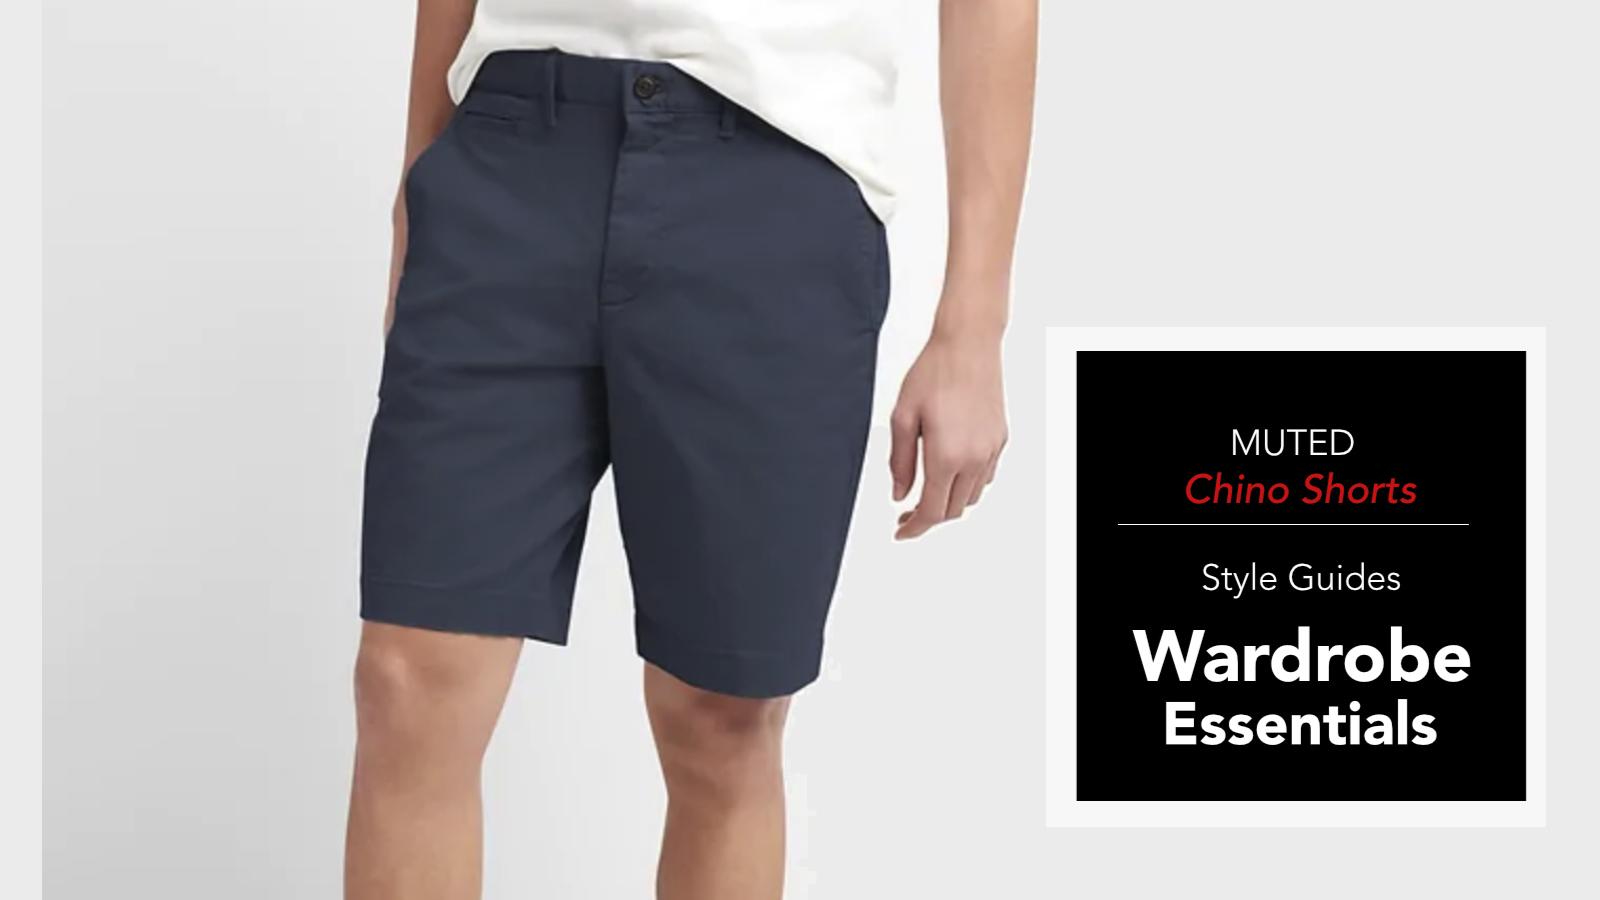 Men's Wardrobe Essentials - Chino Shorts